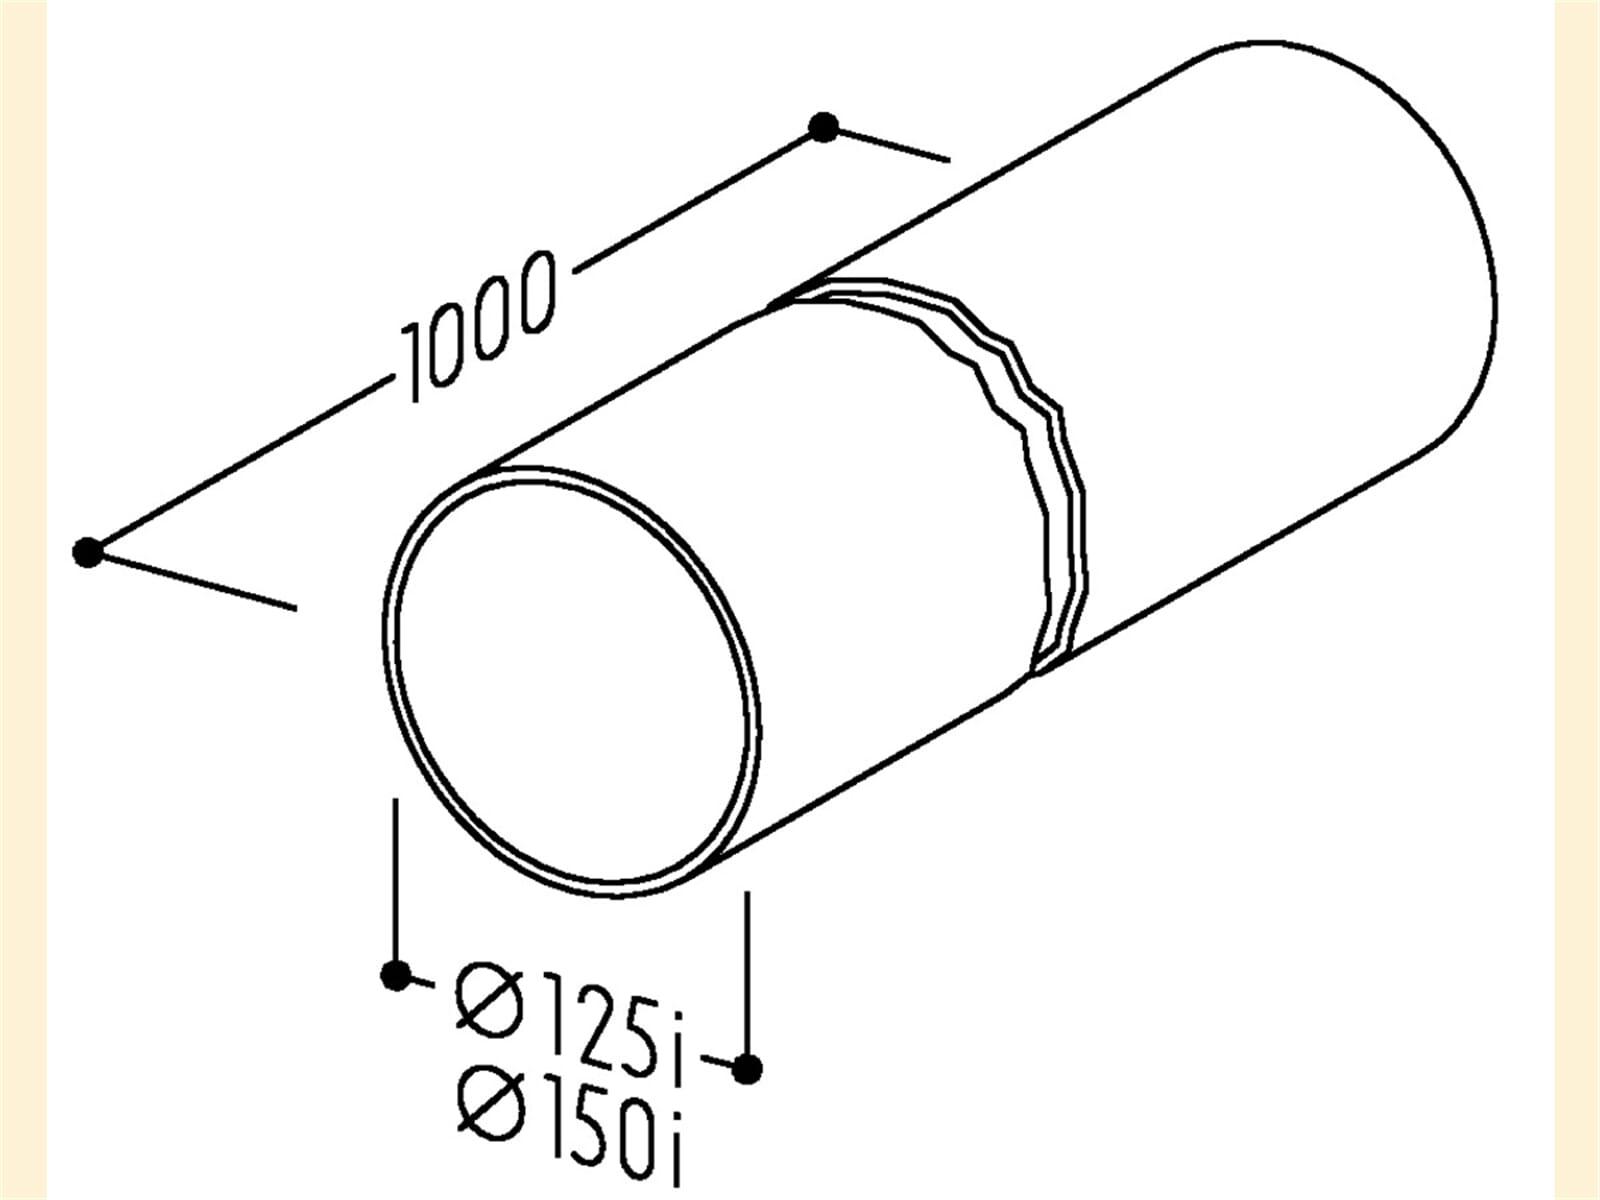 Compair 405.2.102 R-1000 Rundrohr